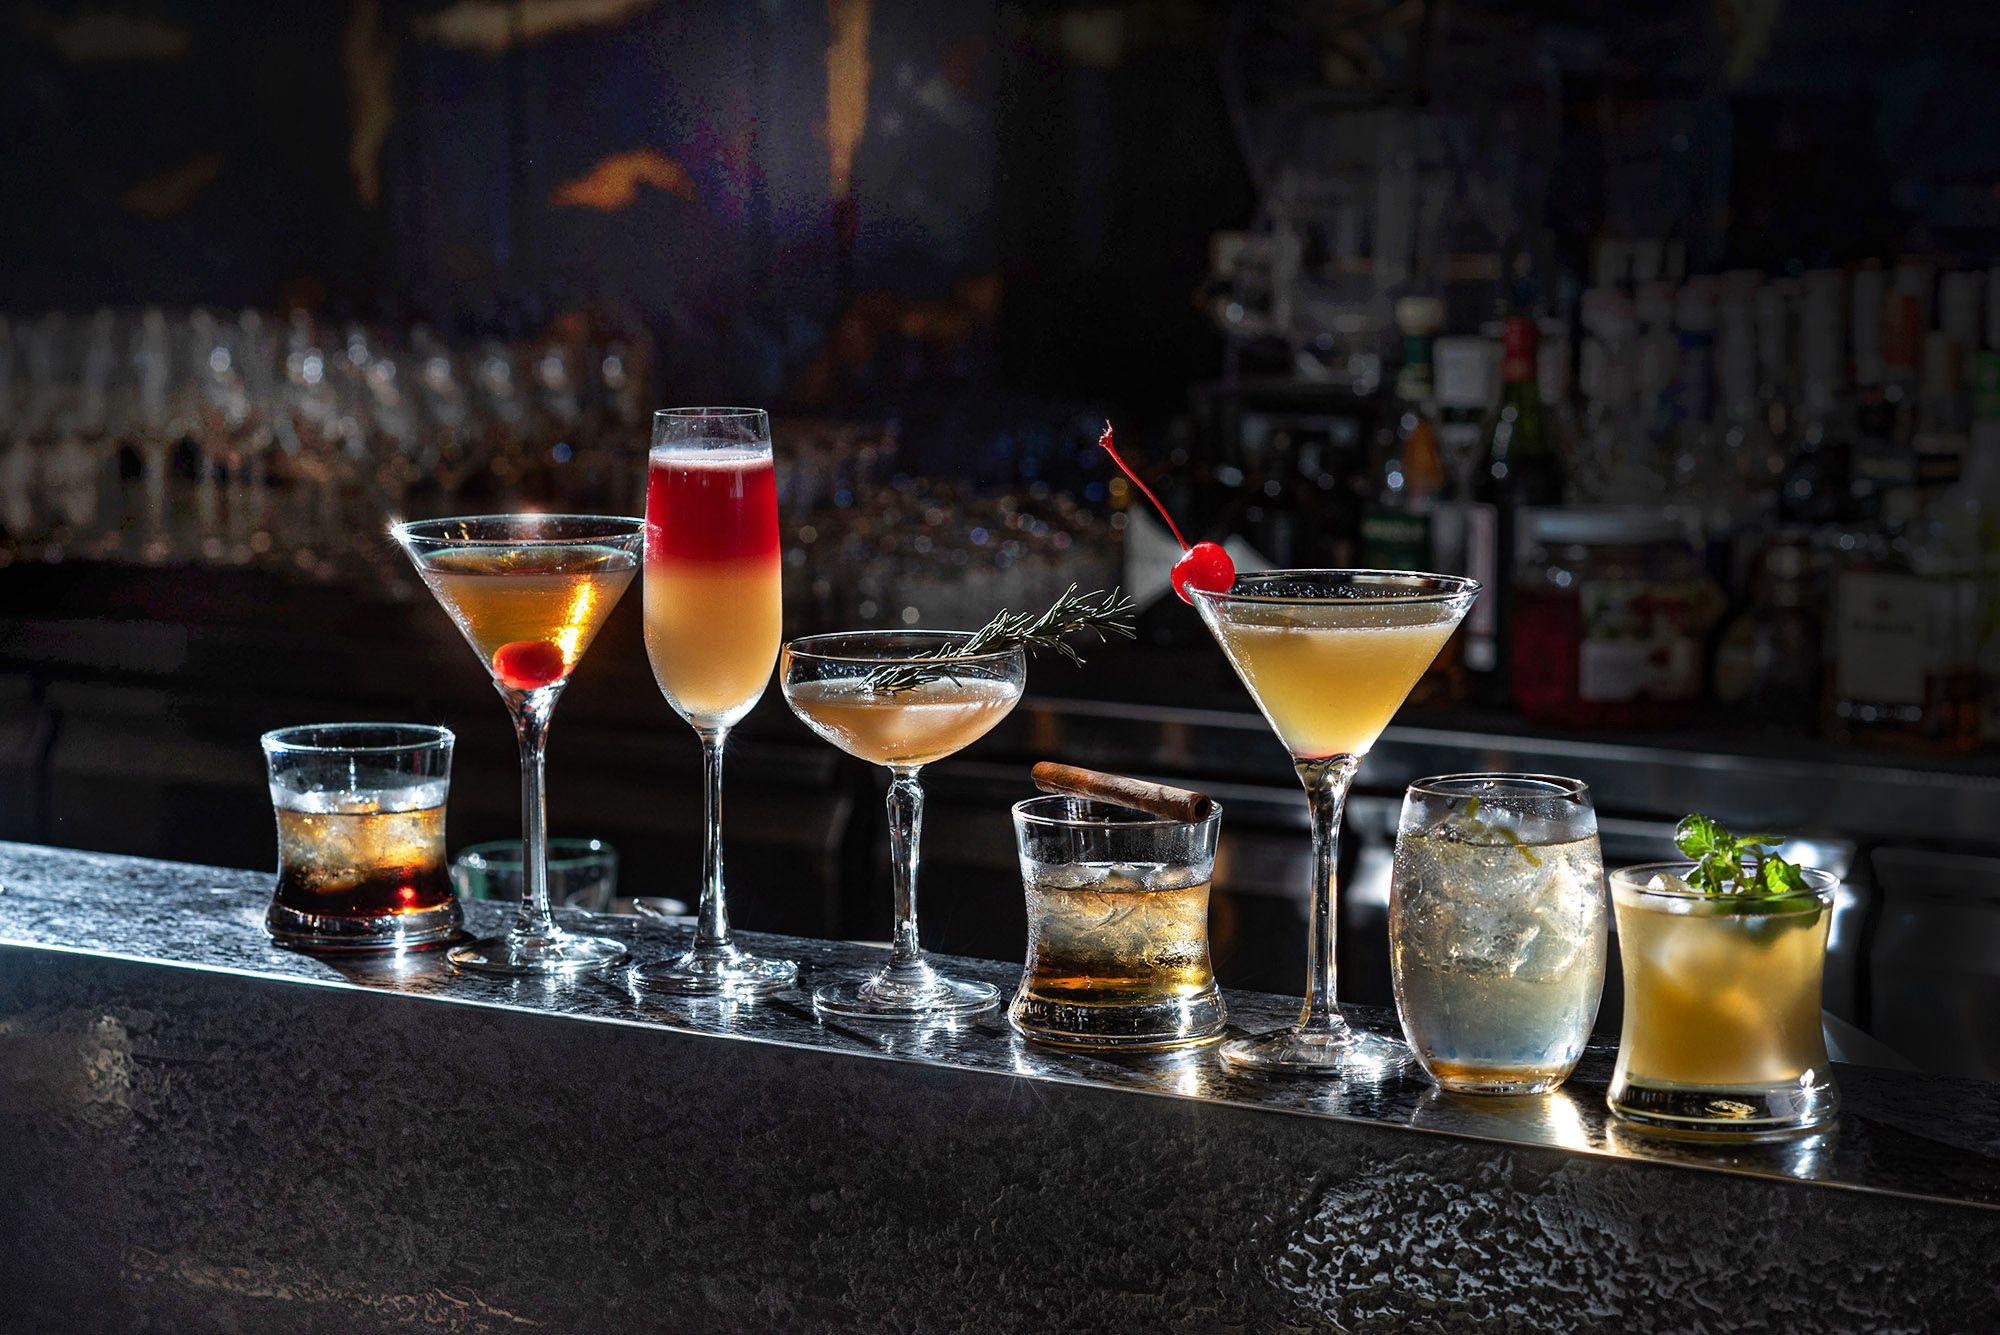 微醺地圖新地標!台北國泰萬怡酒店Drift Lounge & Bar,高空俯瞰無邊際美景